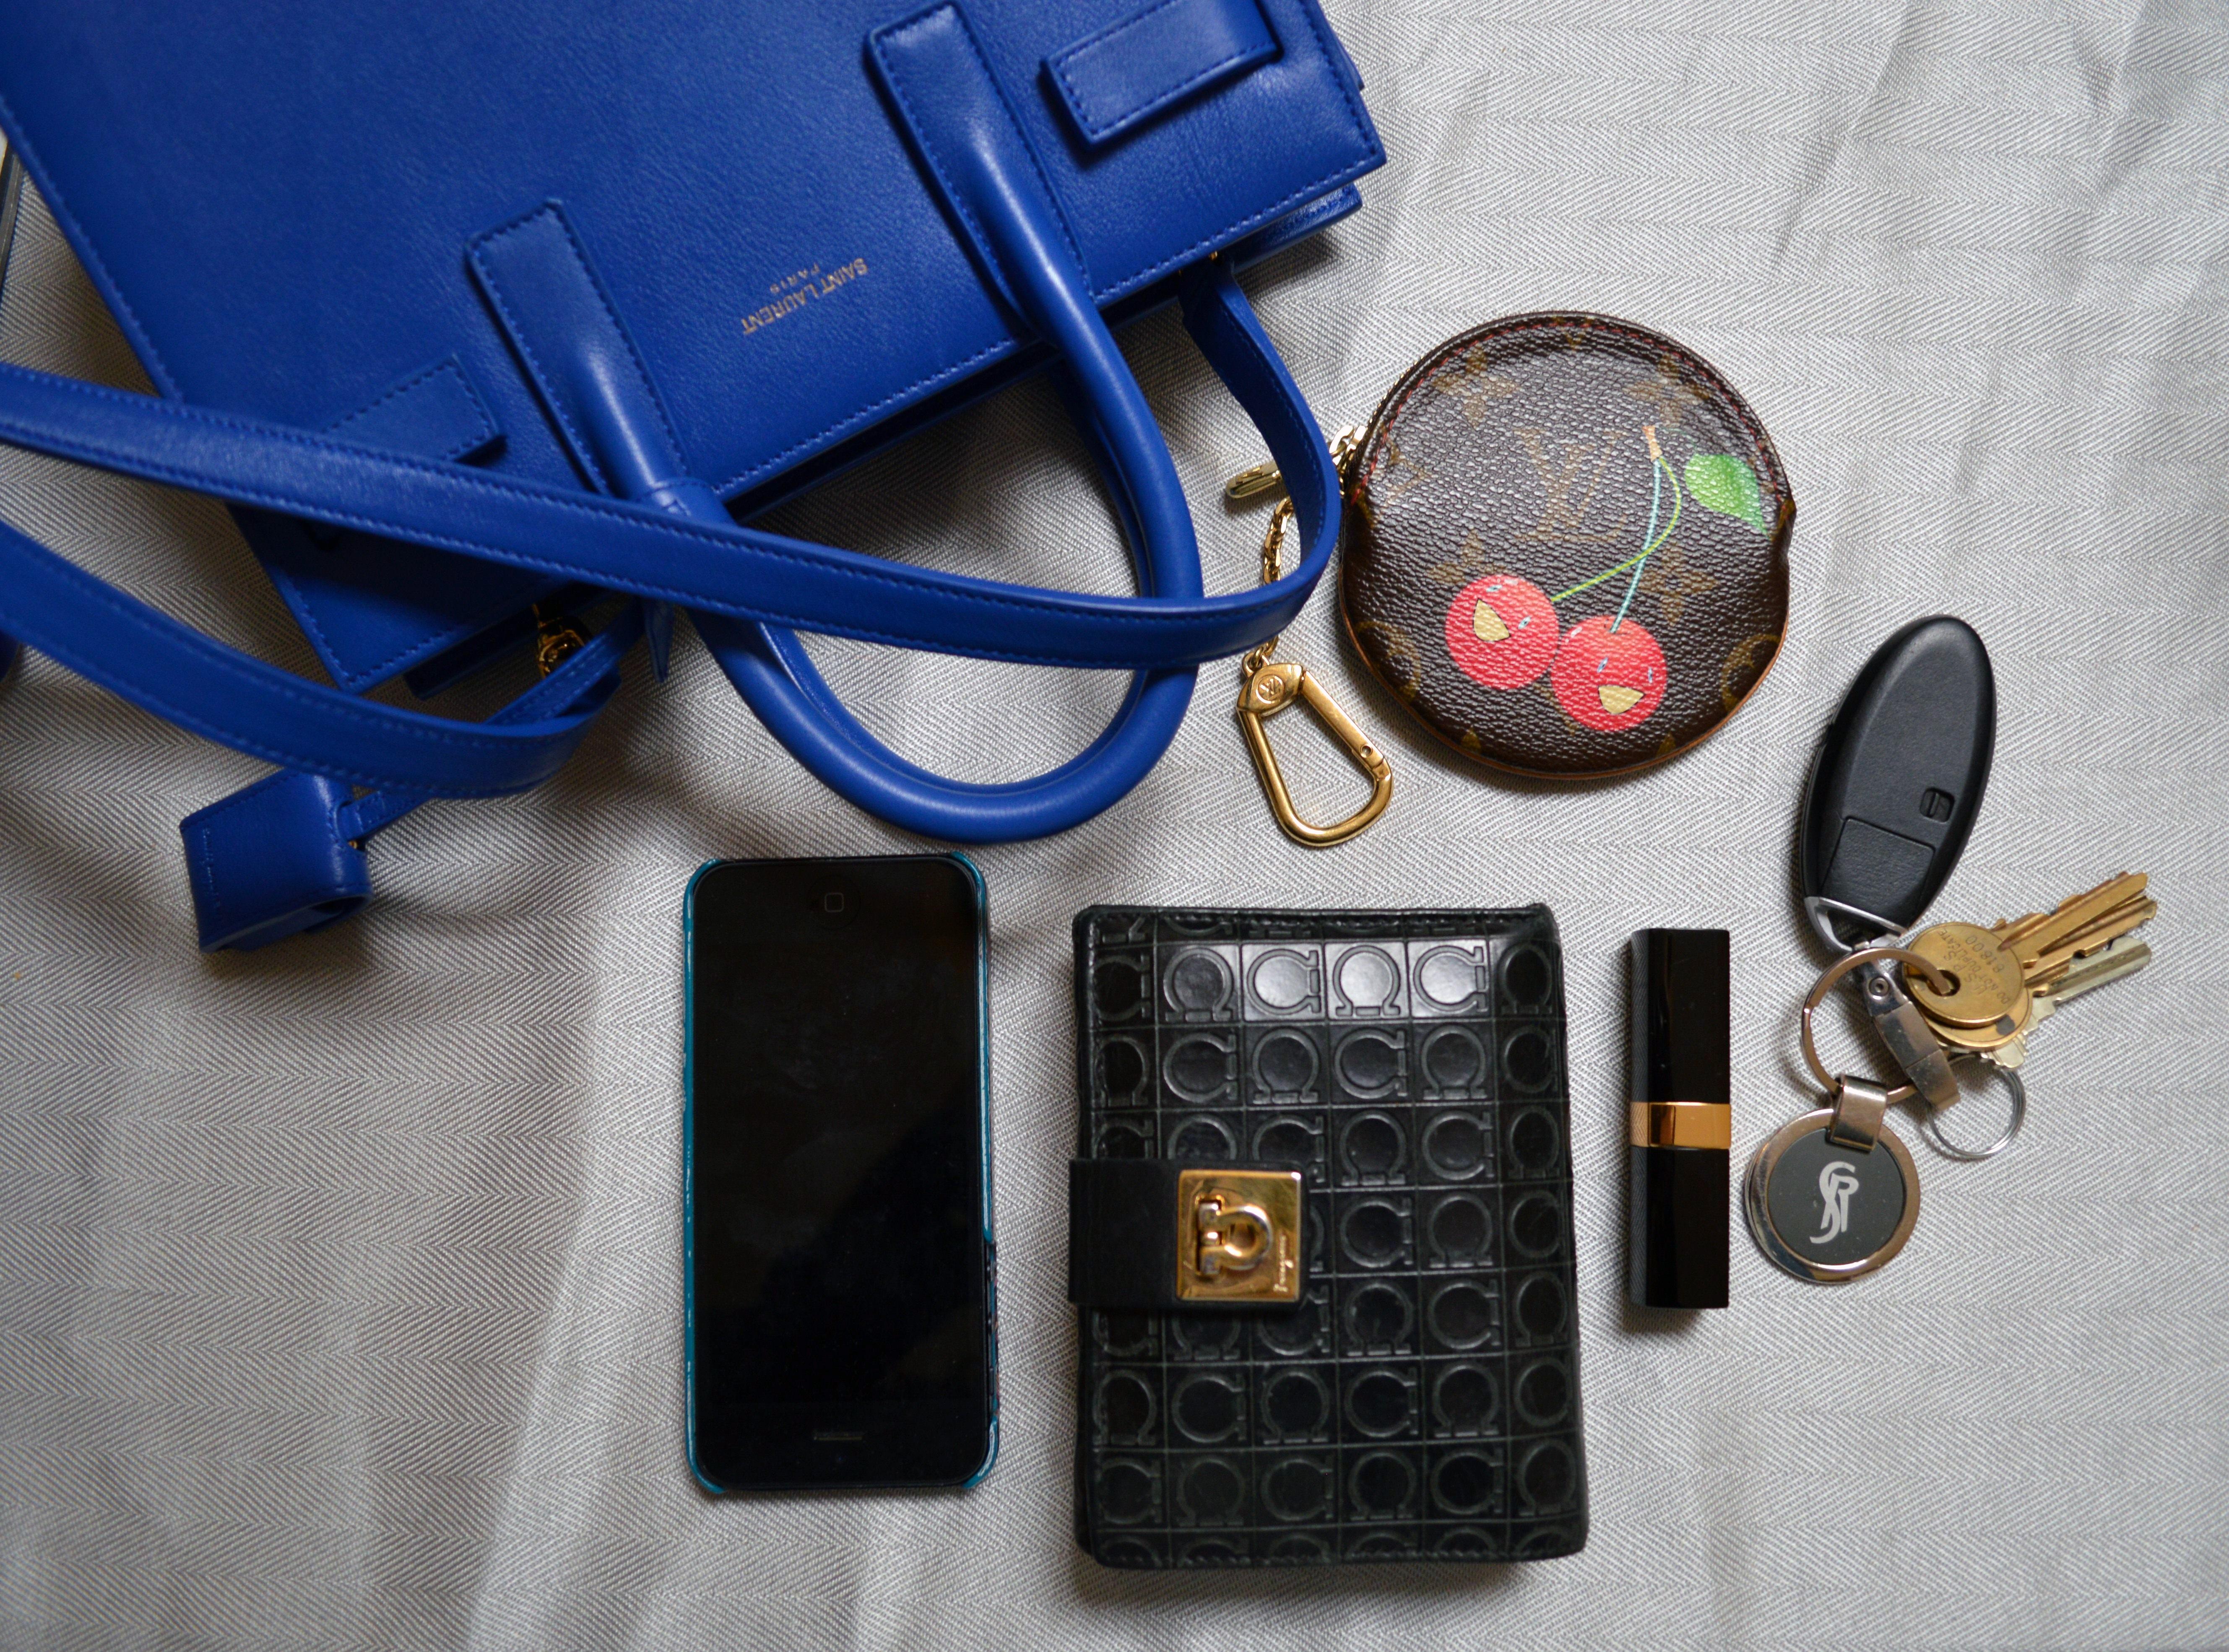 eea508a42bdd saint laurent handbag · DSC 0870 · saint laurent nano tote review · saint  laurent sac du jour mini review ...